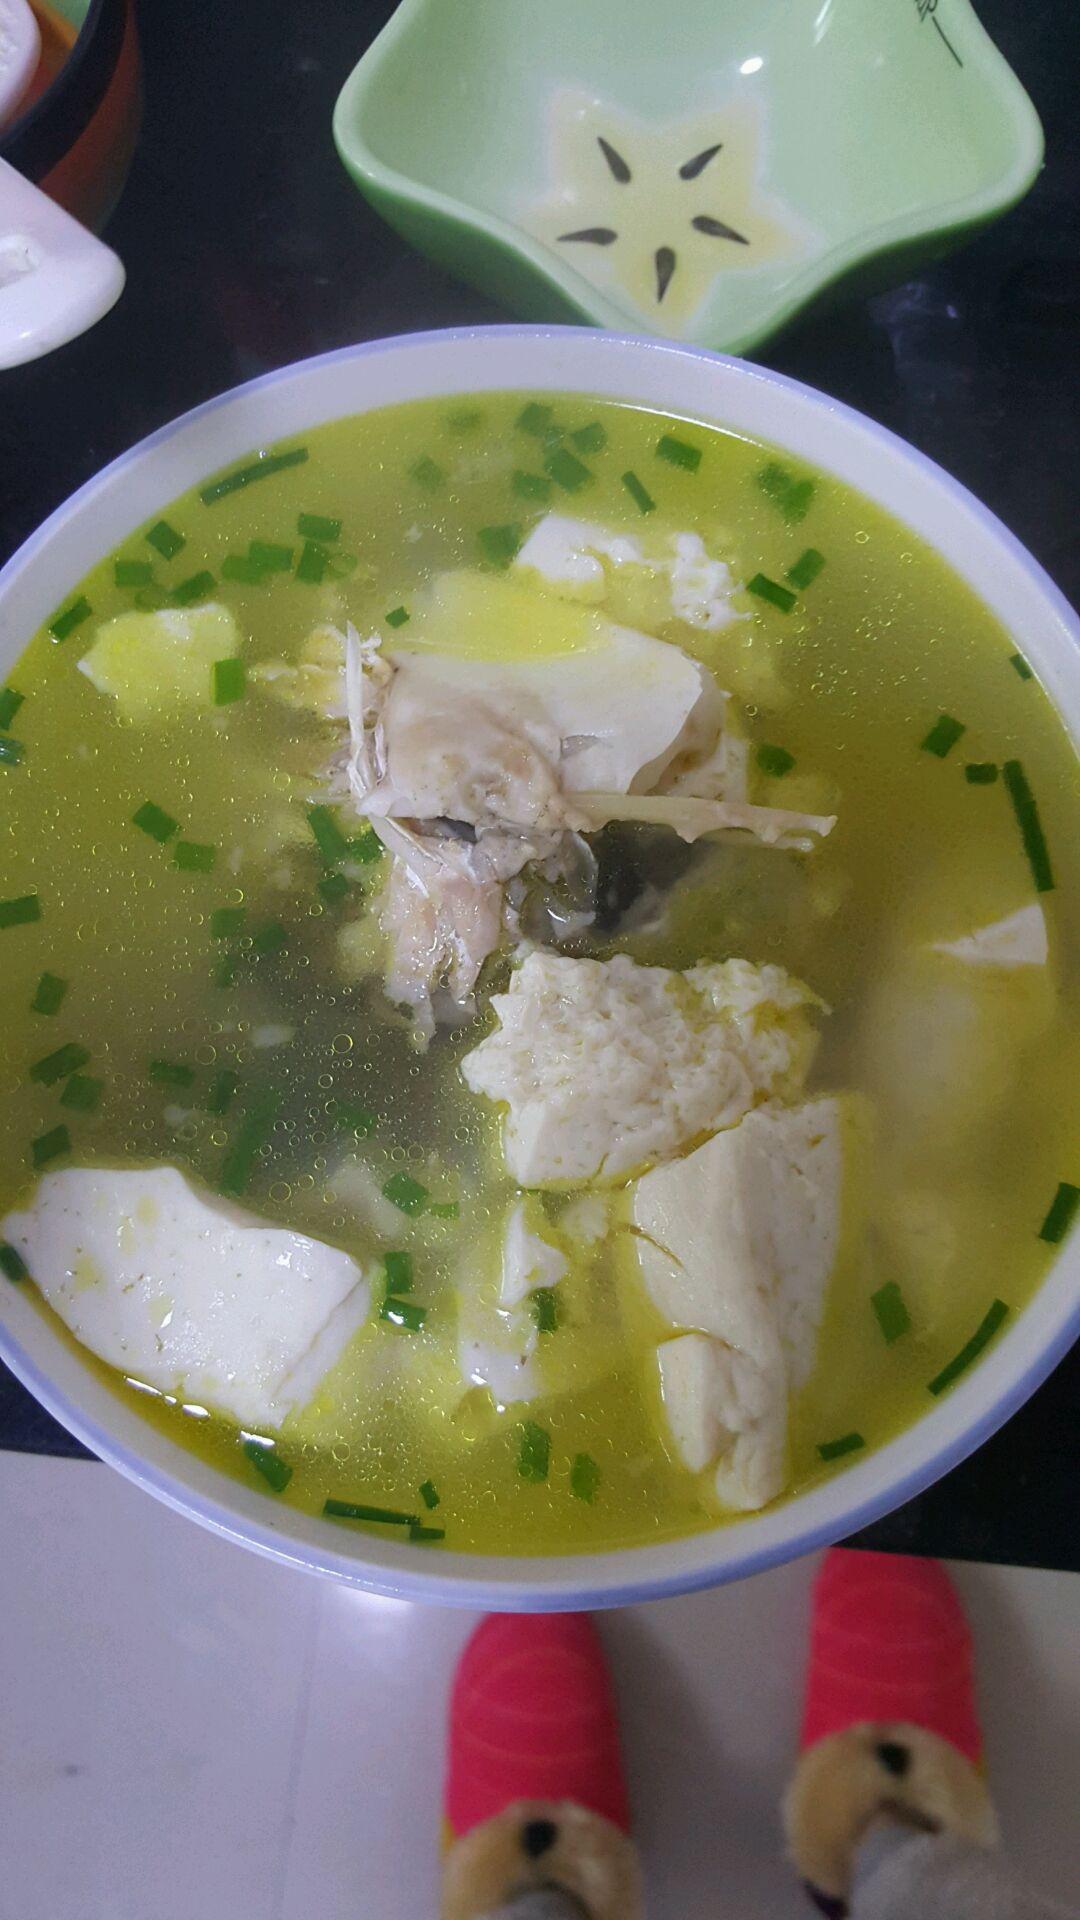 怎么样做鱼头豆腐汤_鱼头豆腐汤的做法_【图解】鱼头豆腐汤怎么做如何做